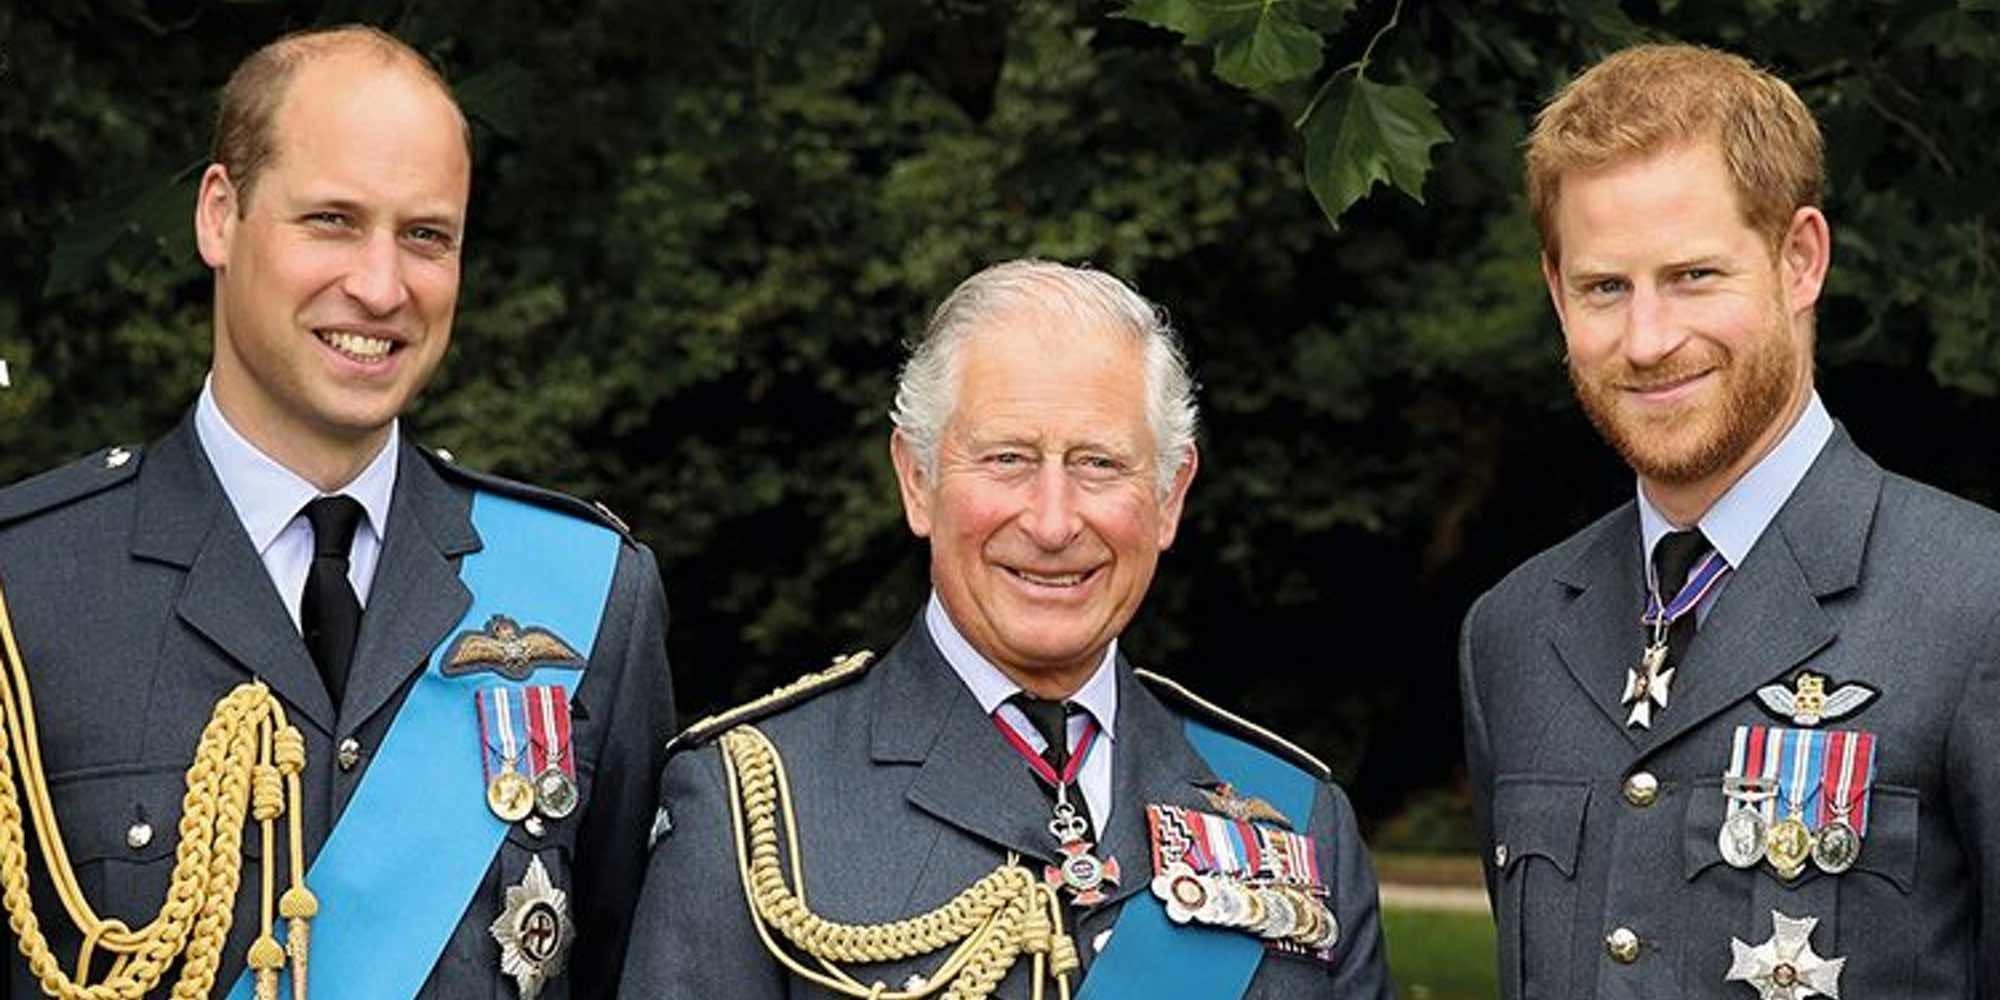 La foto inédita del Príncipe Carlos con sus hijos en los sellos conmemorativos de su 70 cumpleaños